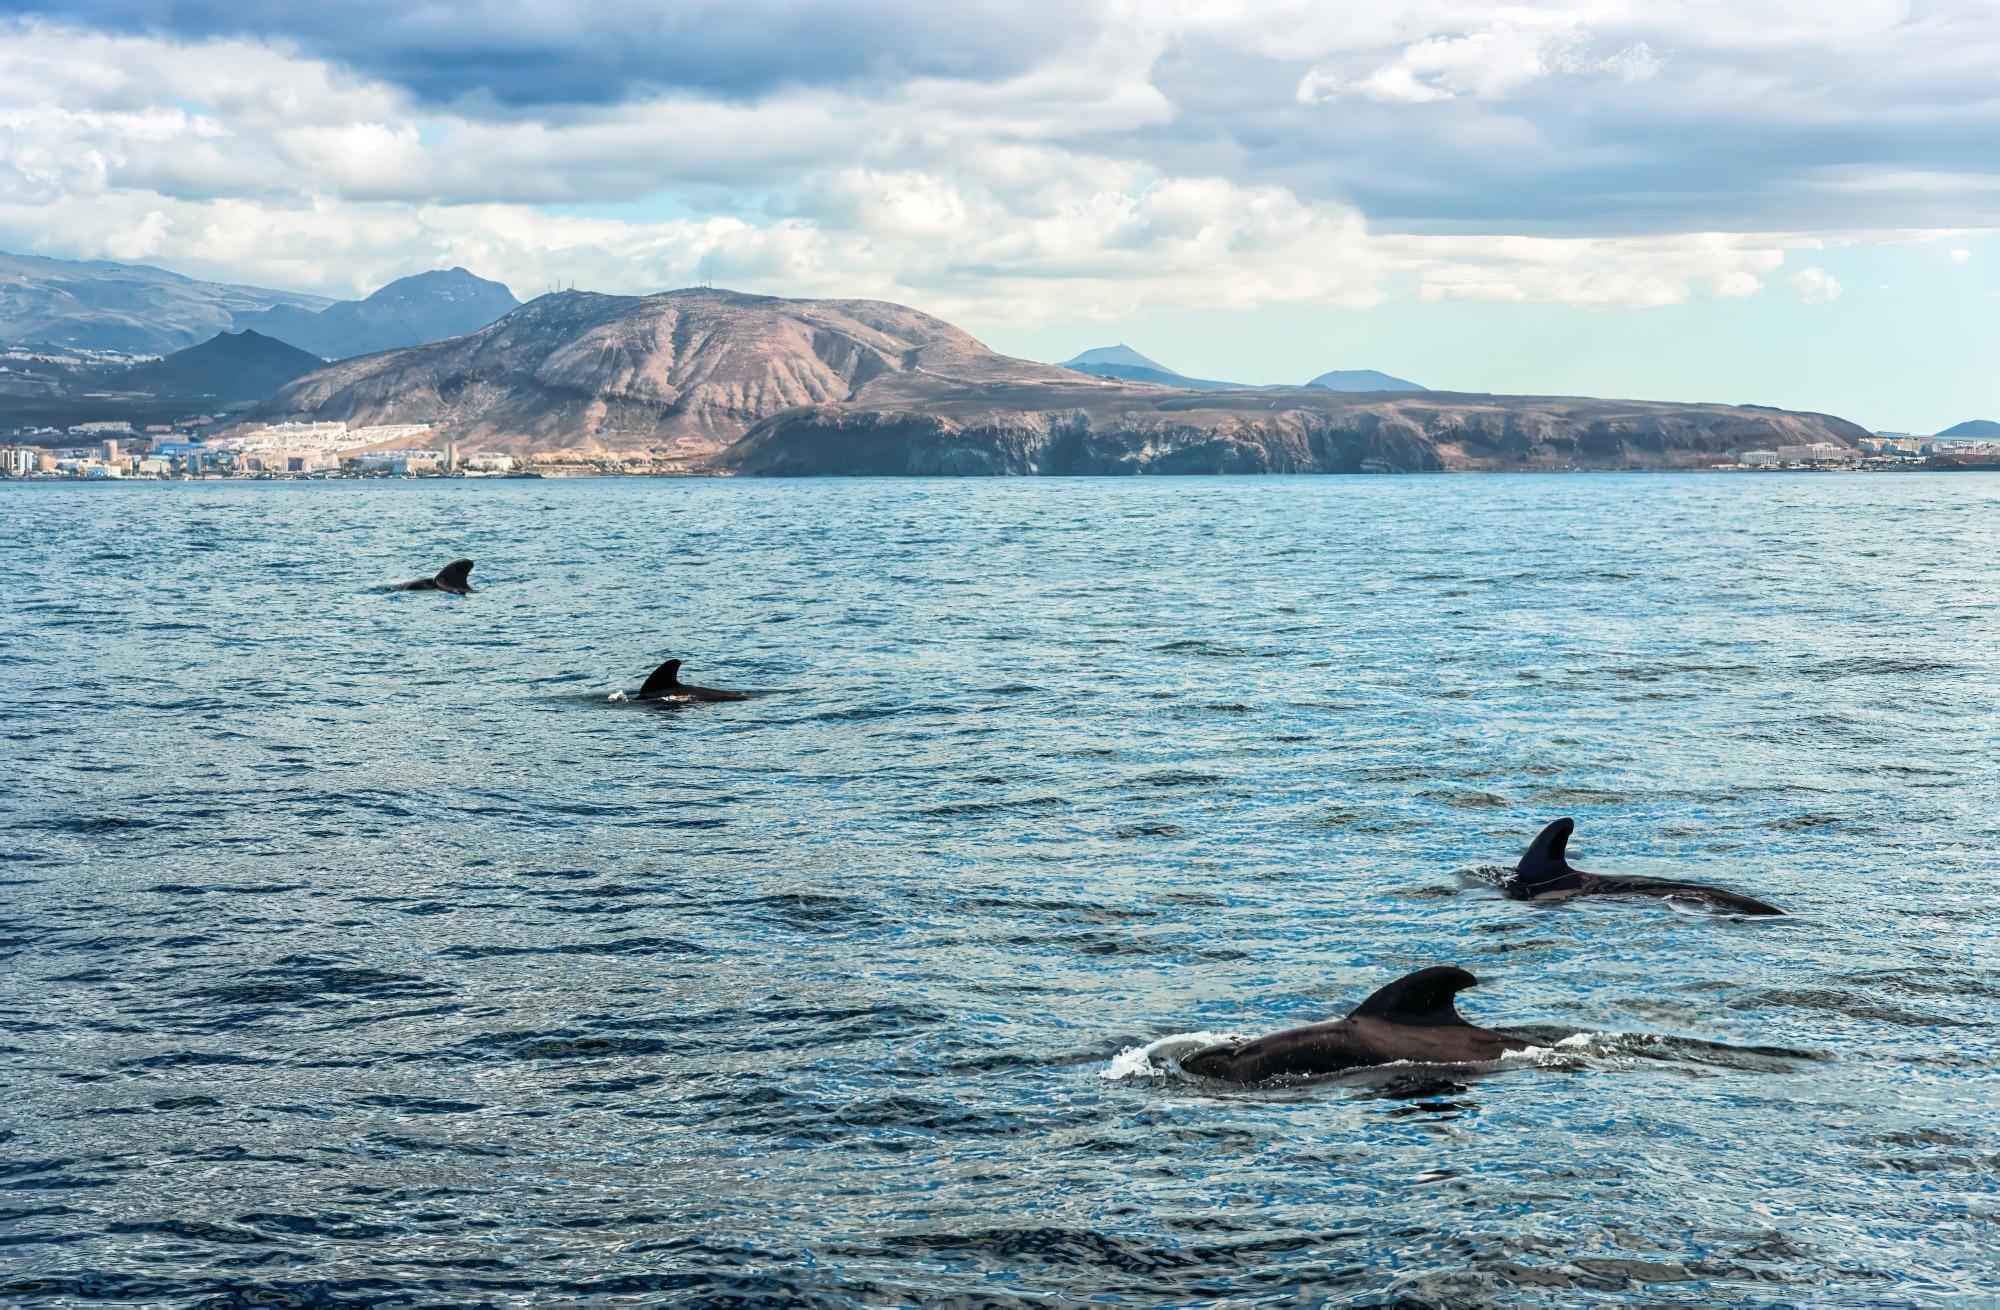 un lieu idéal pour observer les baleines et les dauphins